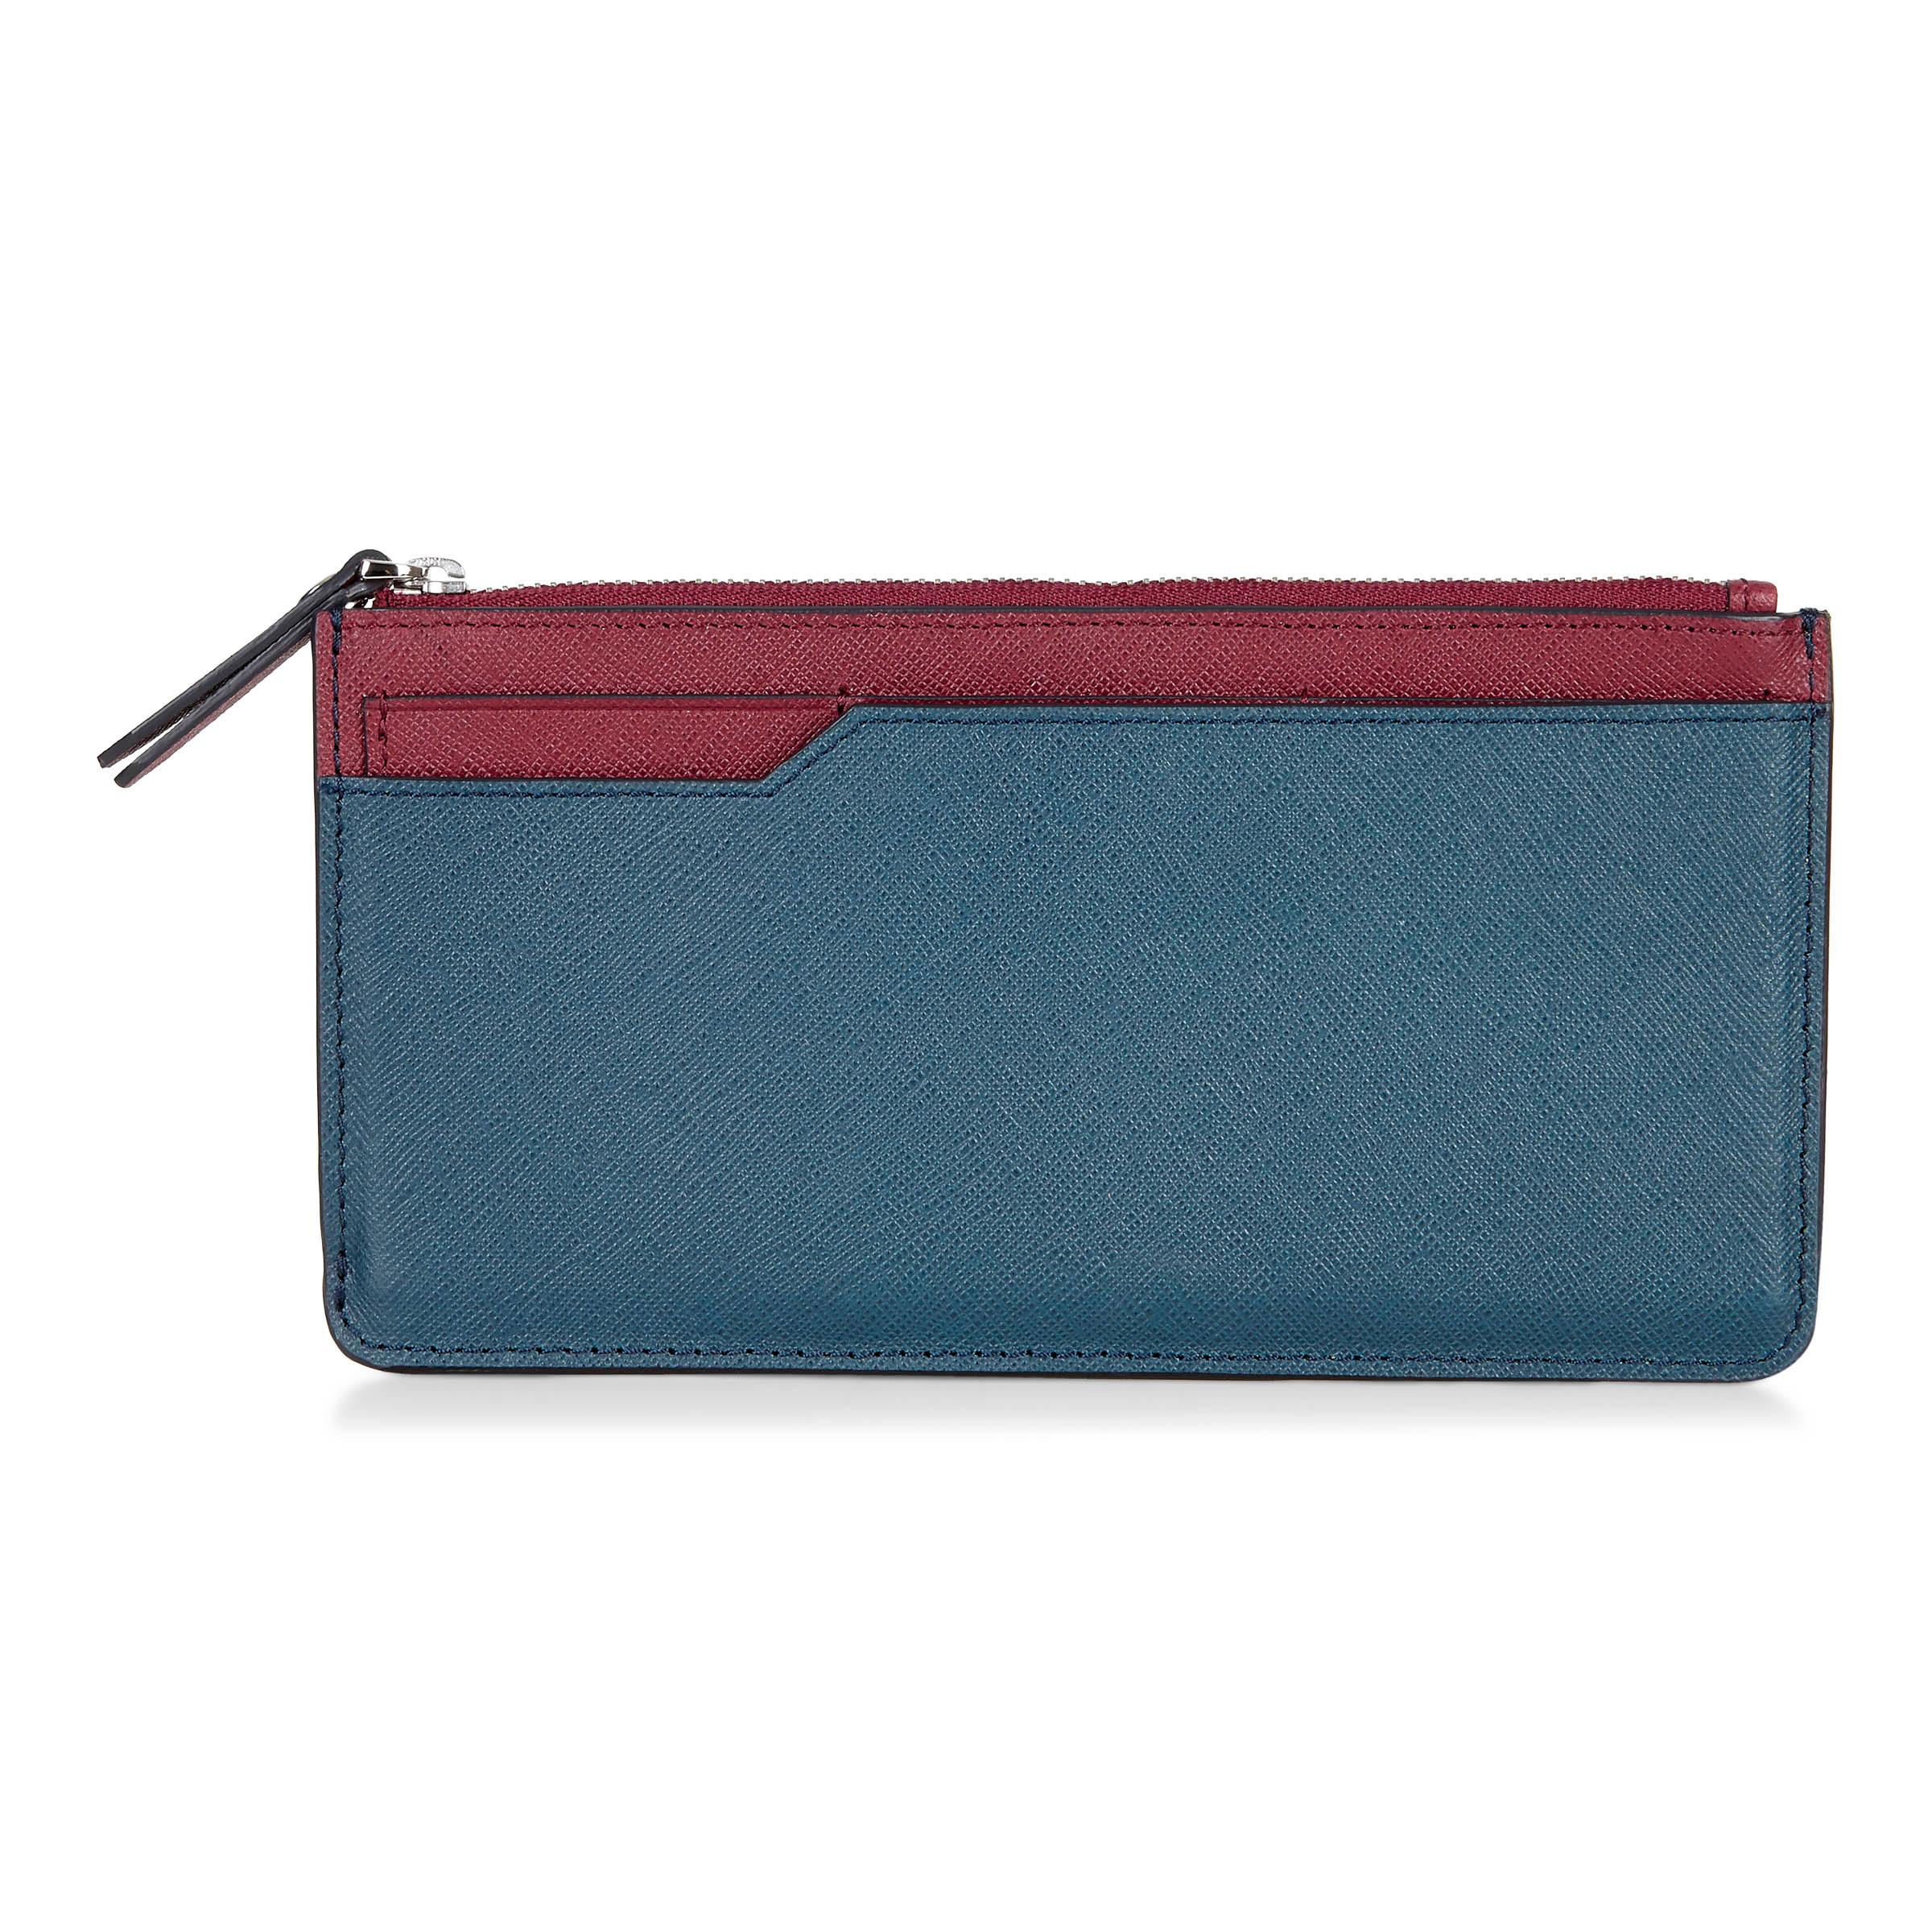 Image of ECCO Iola Long Travel Wallet